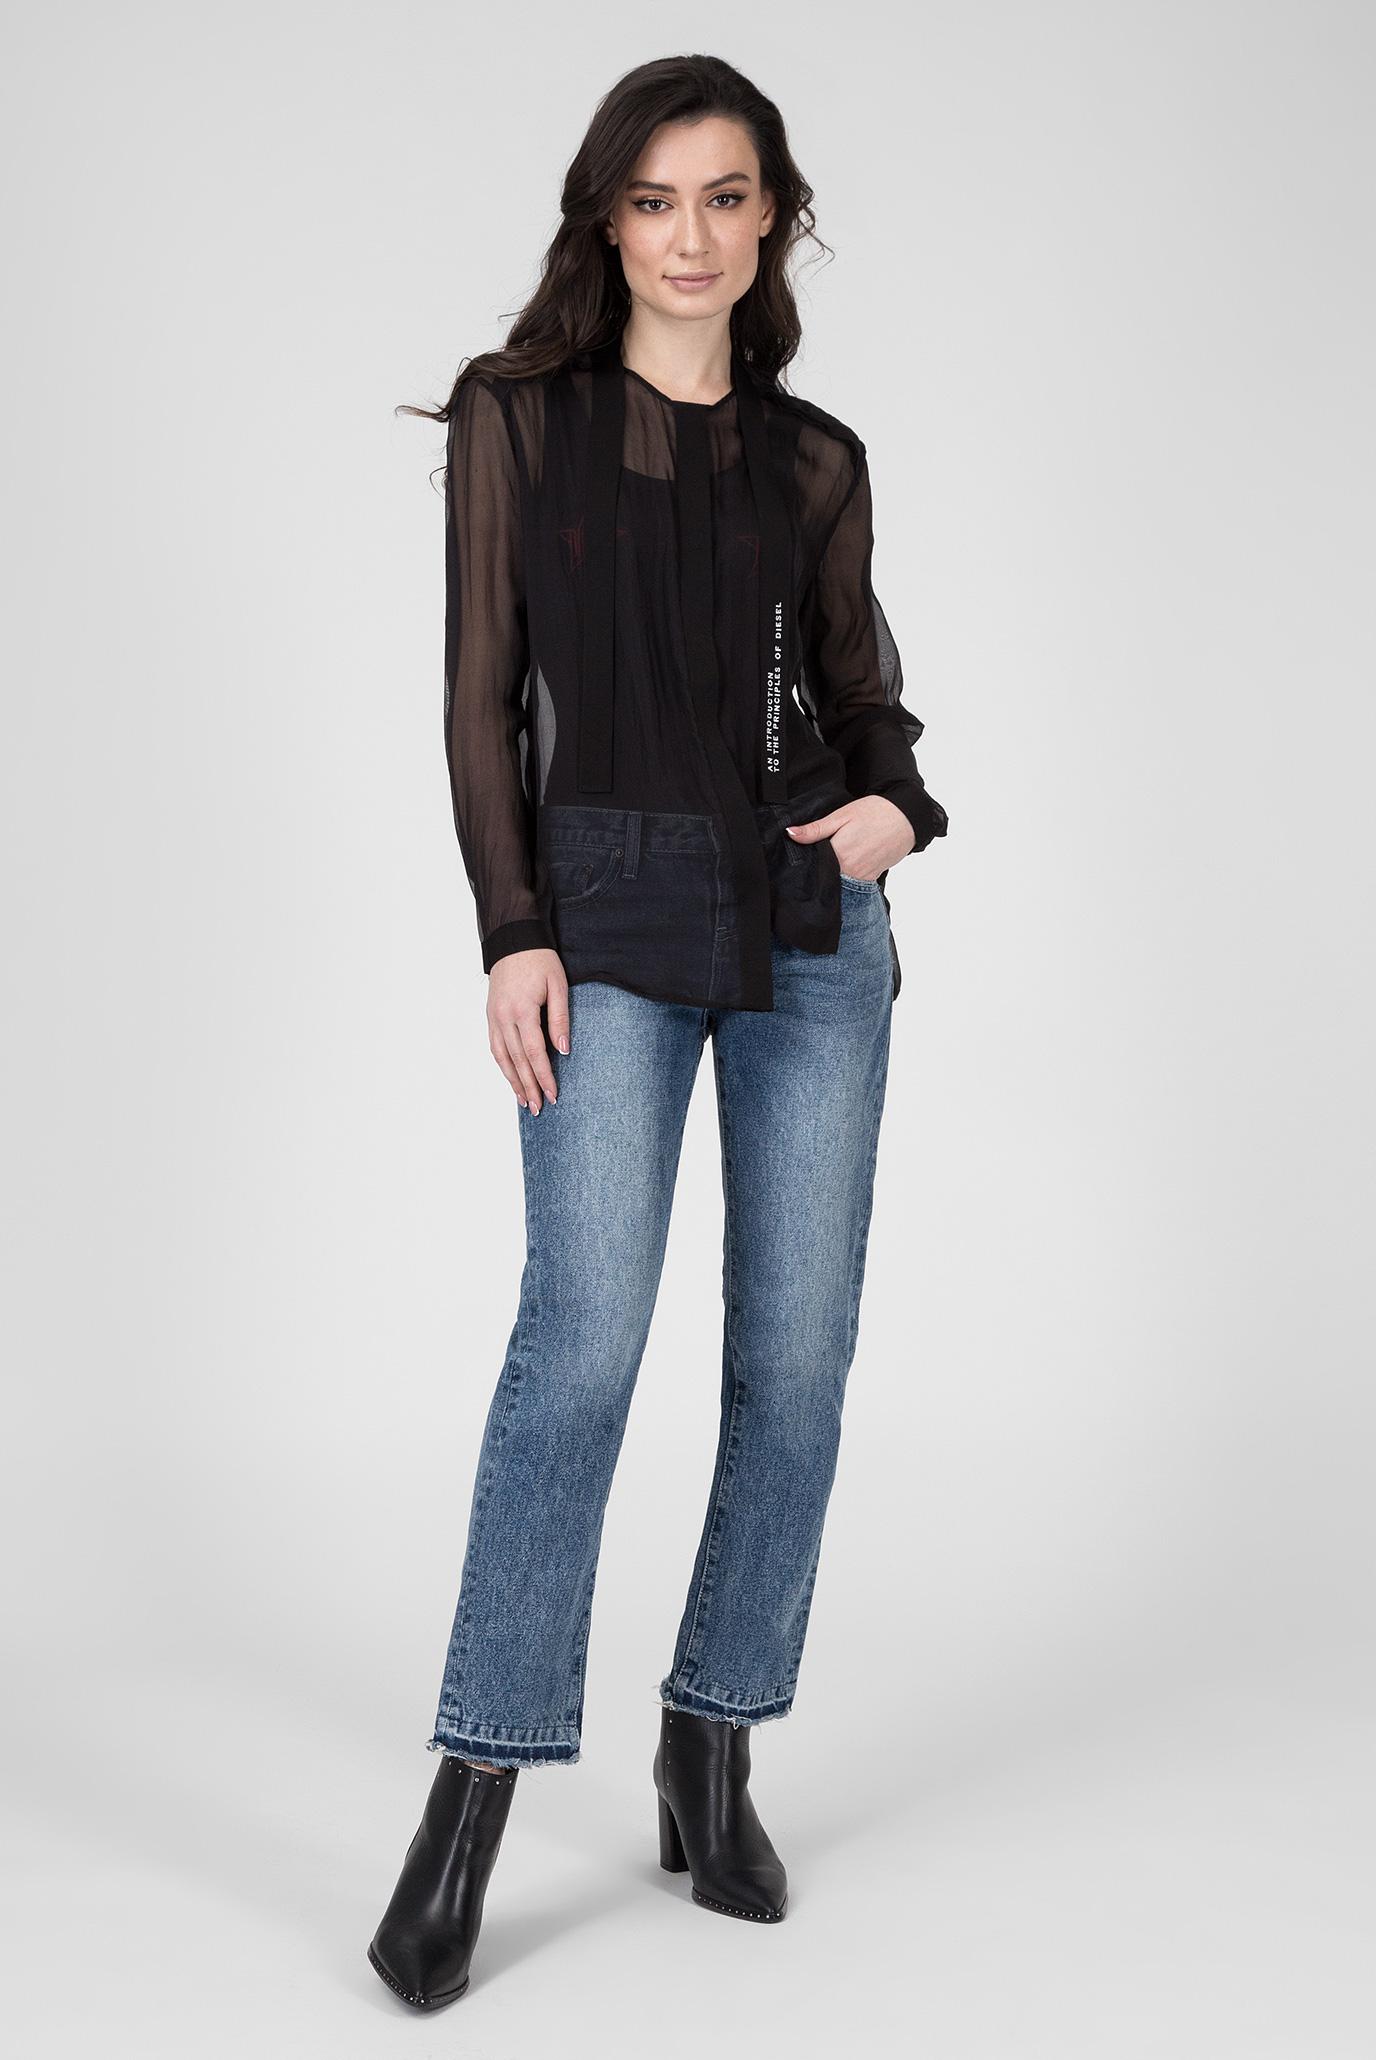 Купить Женская черная блуза C-SAKURA-A  Diesel Diesel 00SPCG 0JATW – Киев, Украина. Цены в интернет магазине MD Fashion